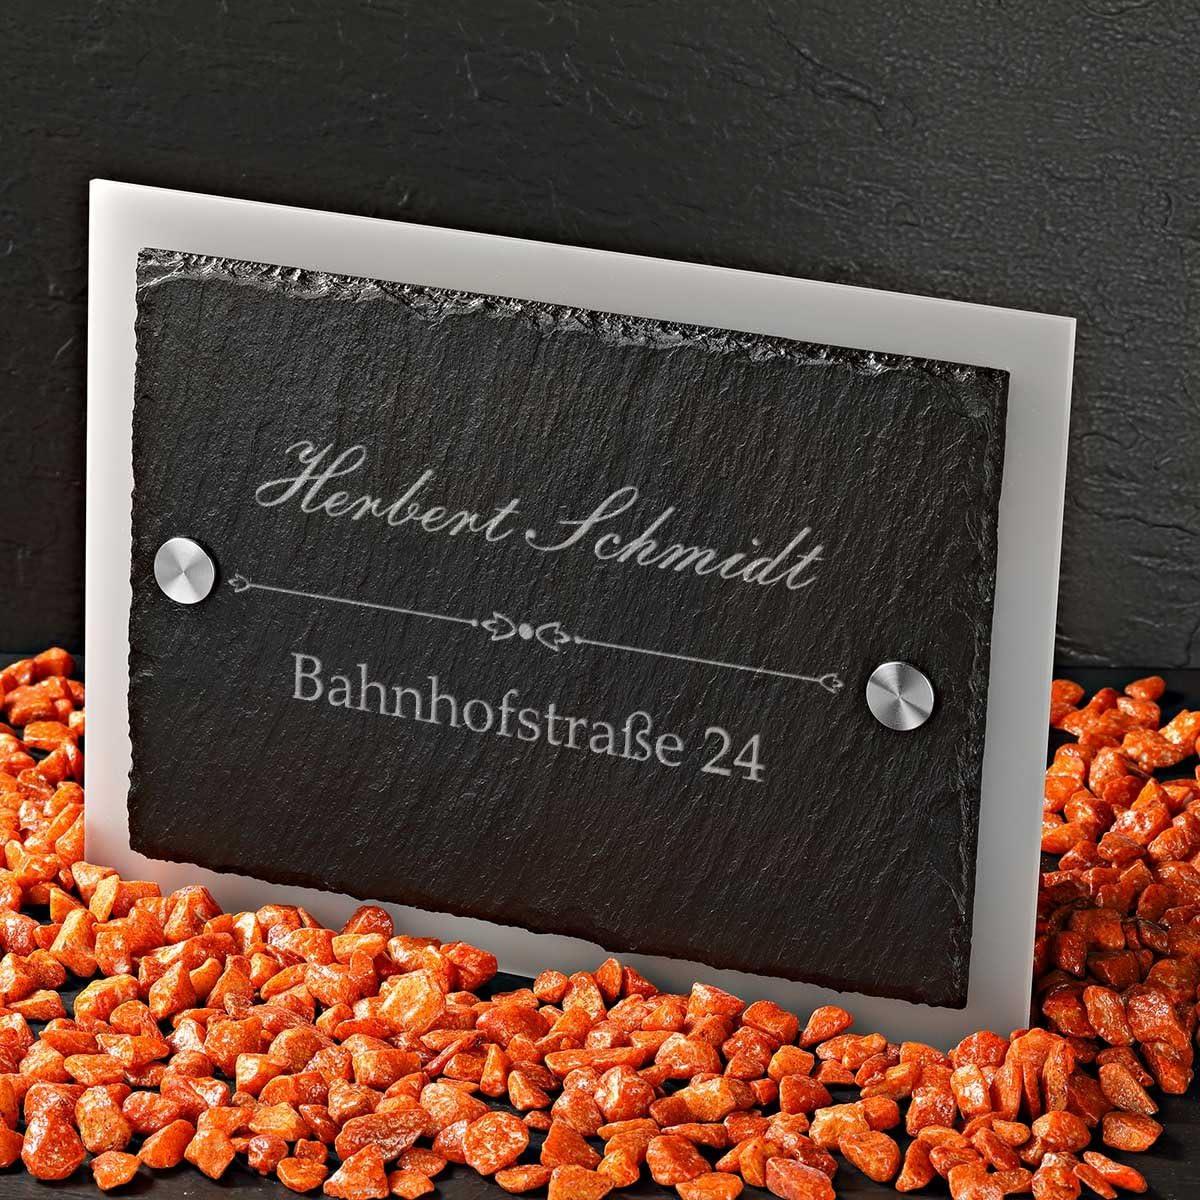 Geschenk zum Einzug Schiefertafel Acrylglas Motiv Familienname mit Stra/ße und Hausnummer T/ürschild Schieferplatte mit Gravur polar-effekt Hausnummerschild Personalisiert